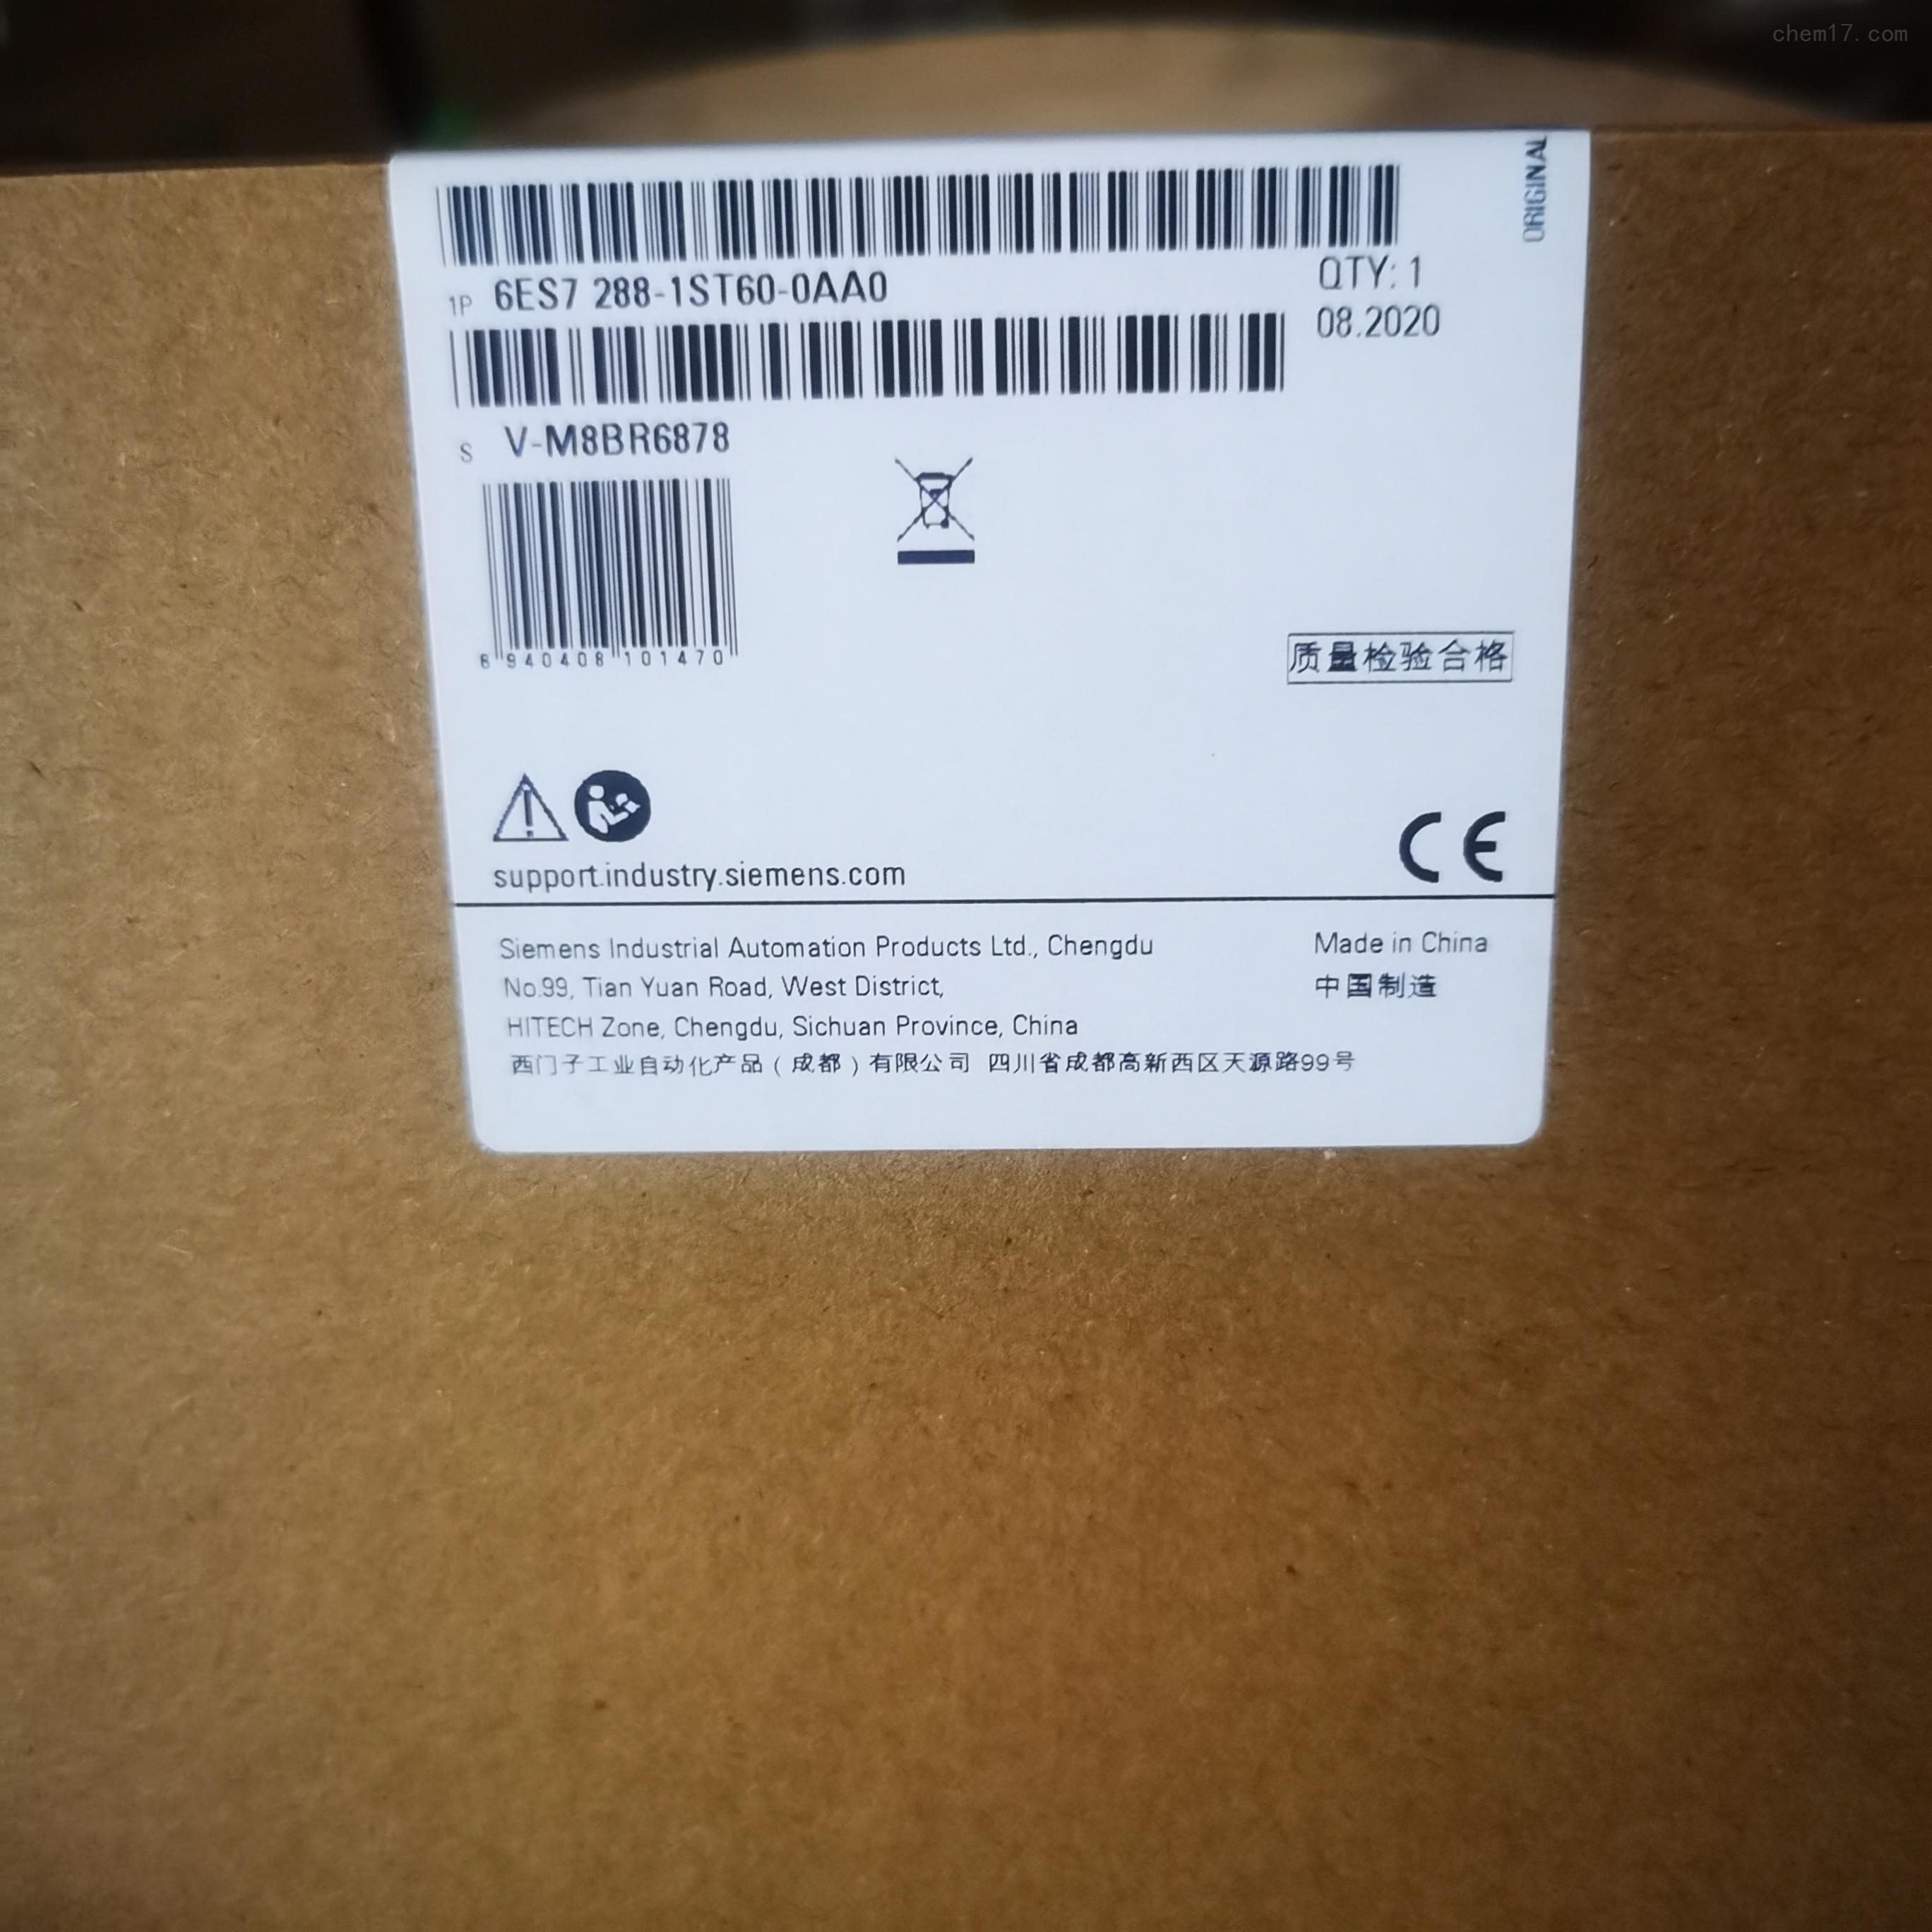 双鸭山西门子S7-200 SMART模块代理商